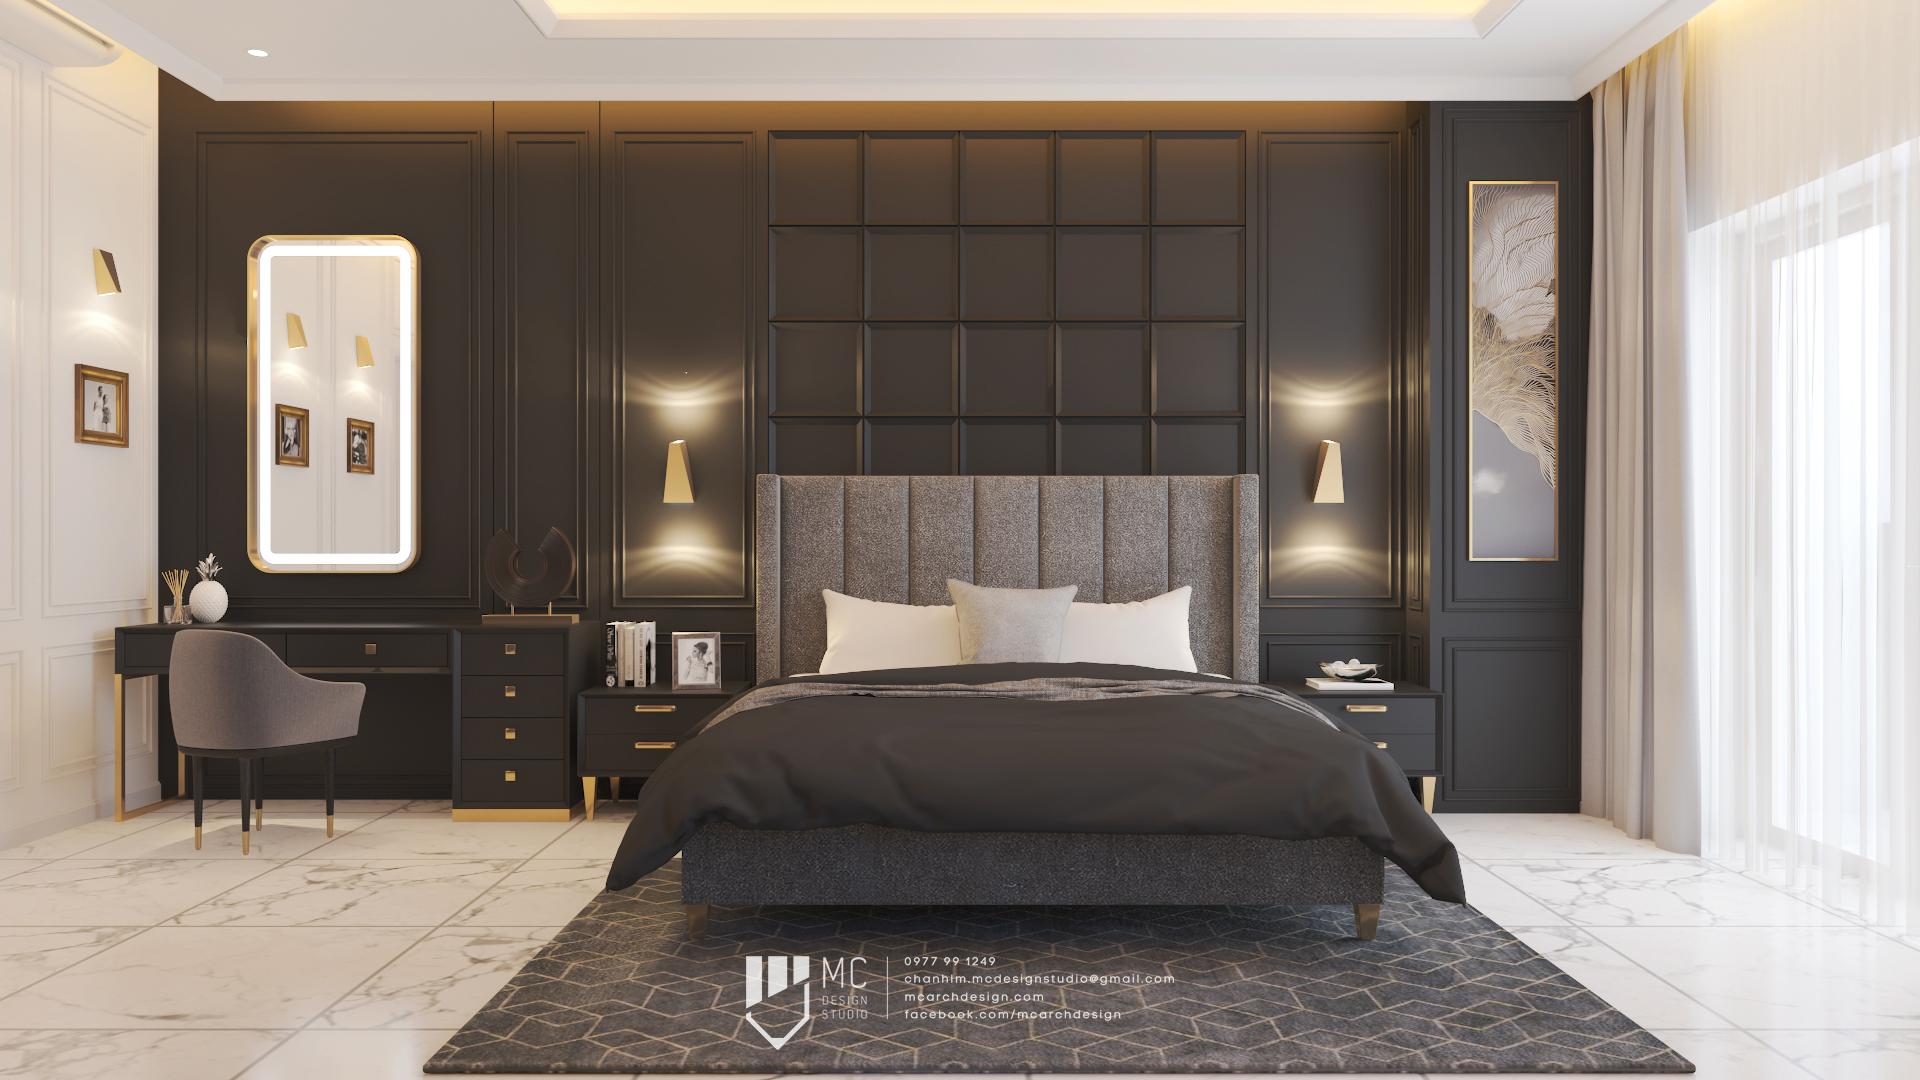 Thiết kế nội thất Nhà Mặt Phố tại Hồ Chí Minh Rosita Q9 1590741785 2